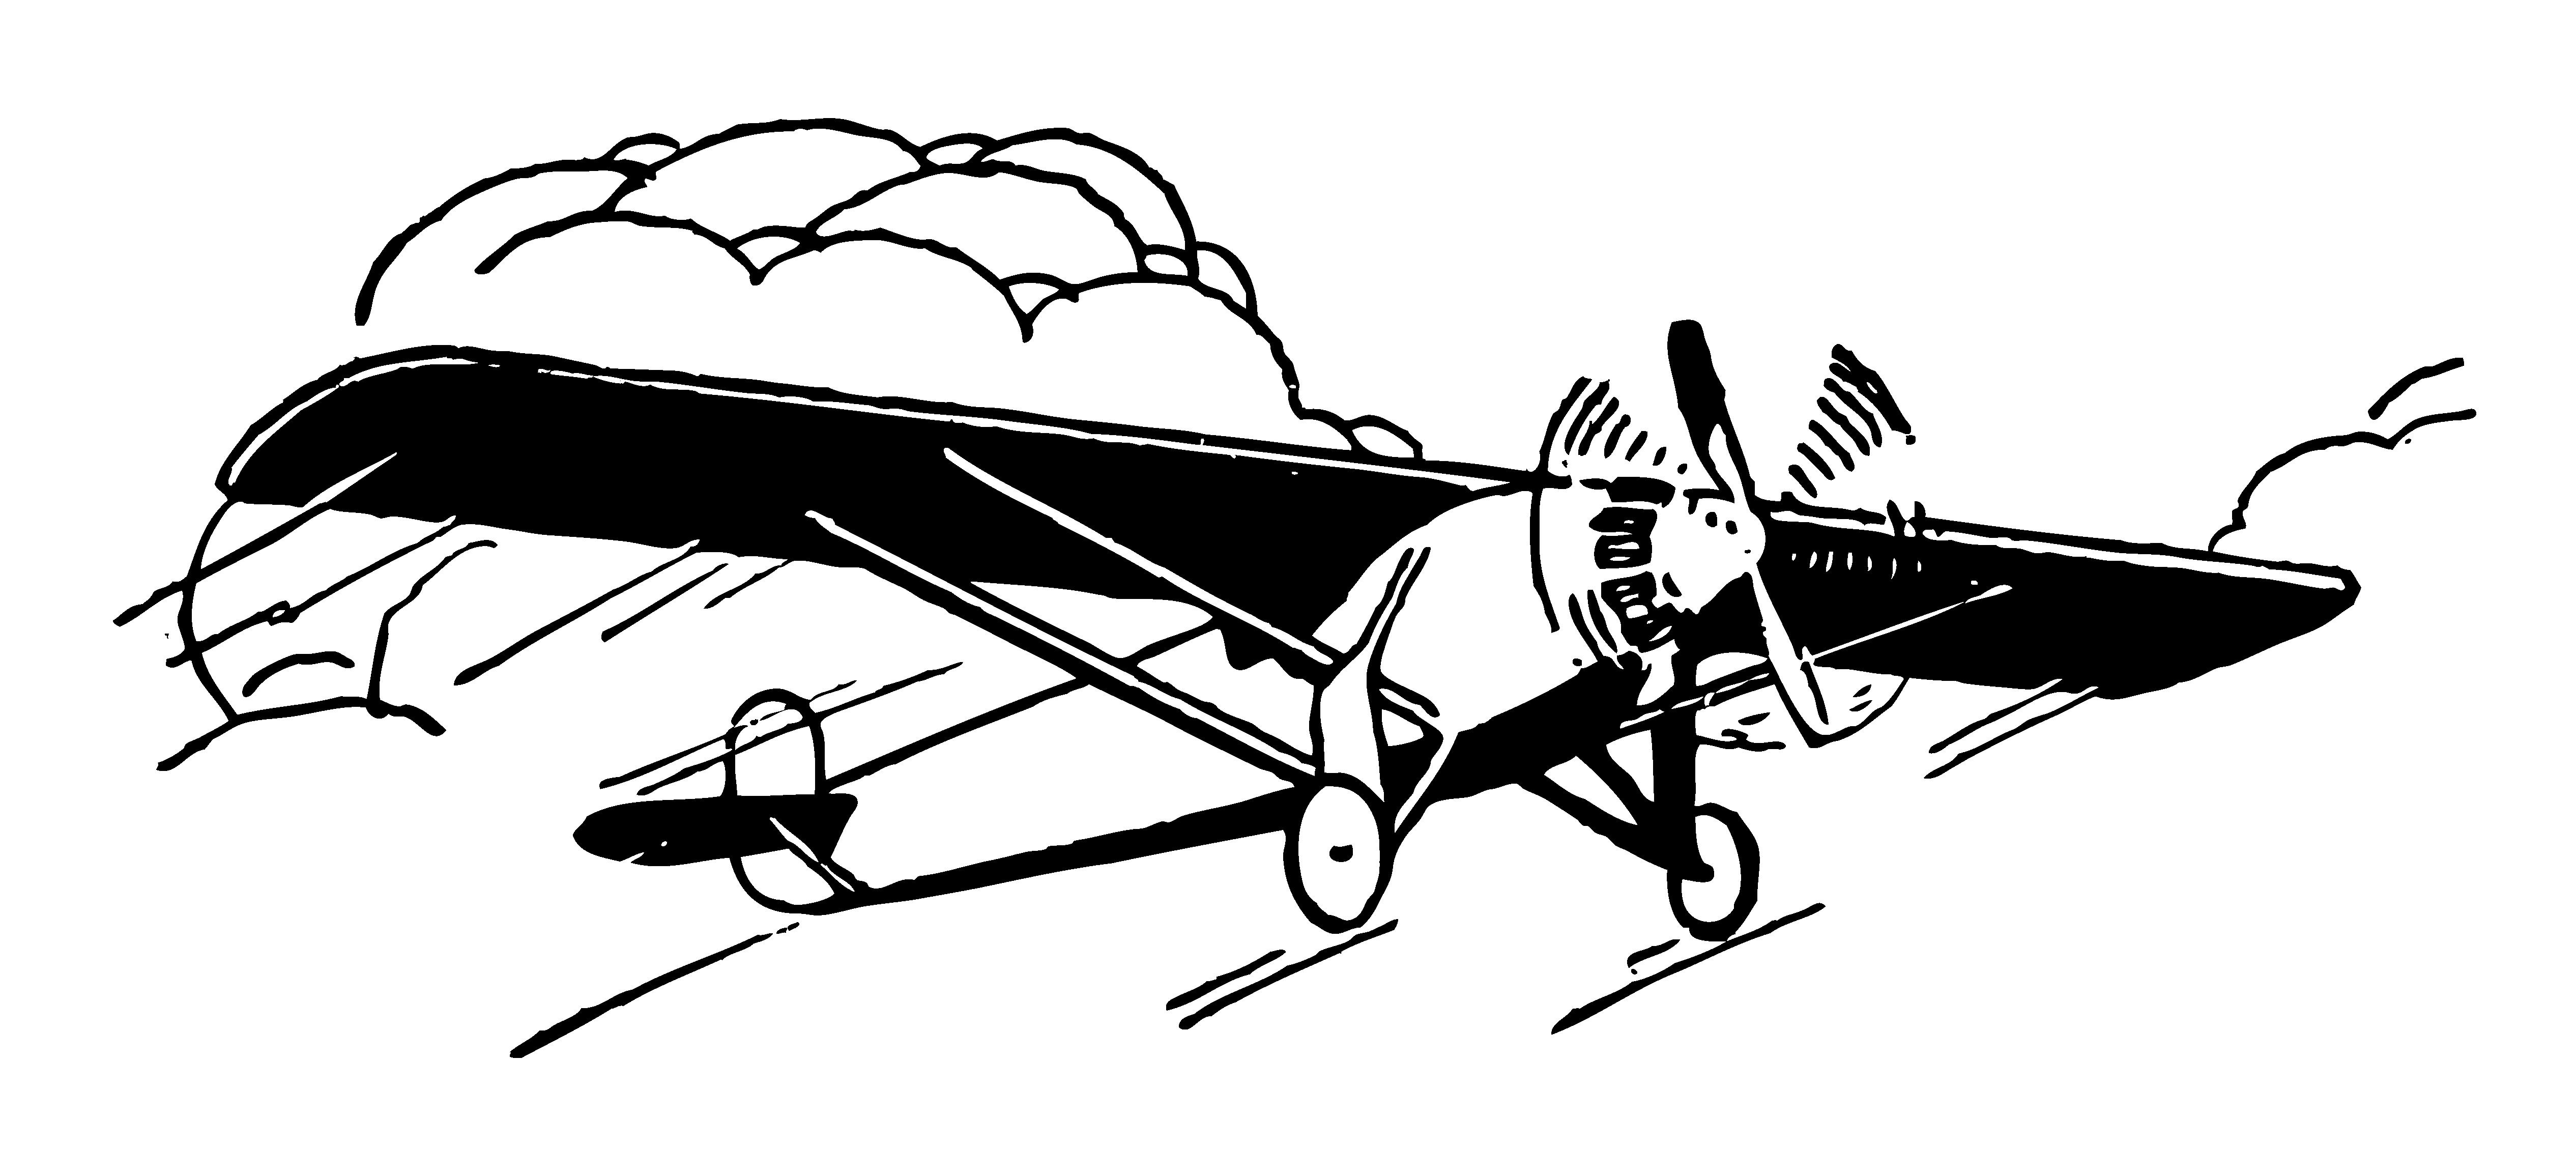 Free Flight Short Kits...: Laser Cut Short Kits...